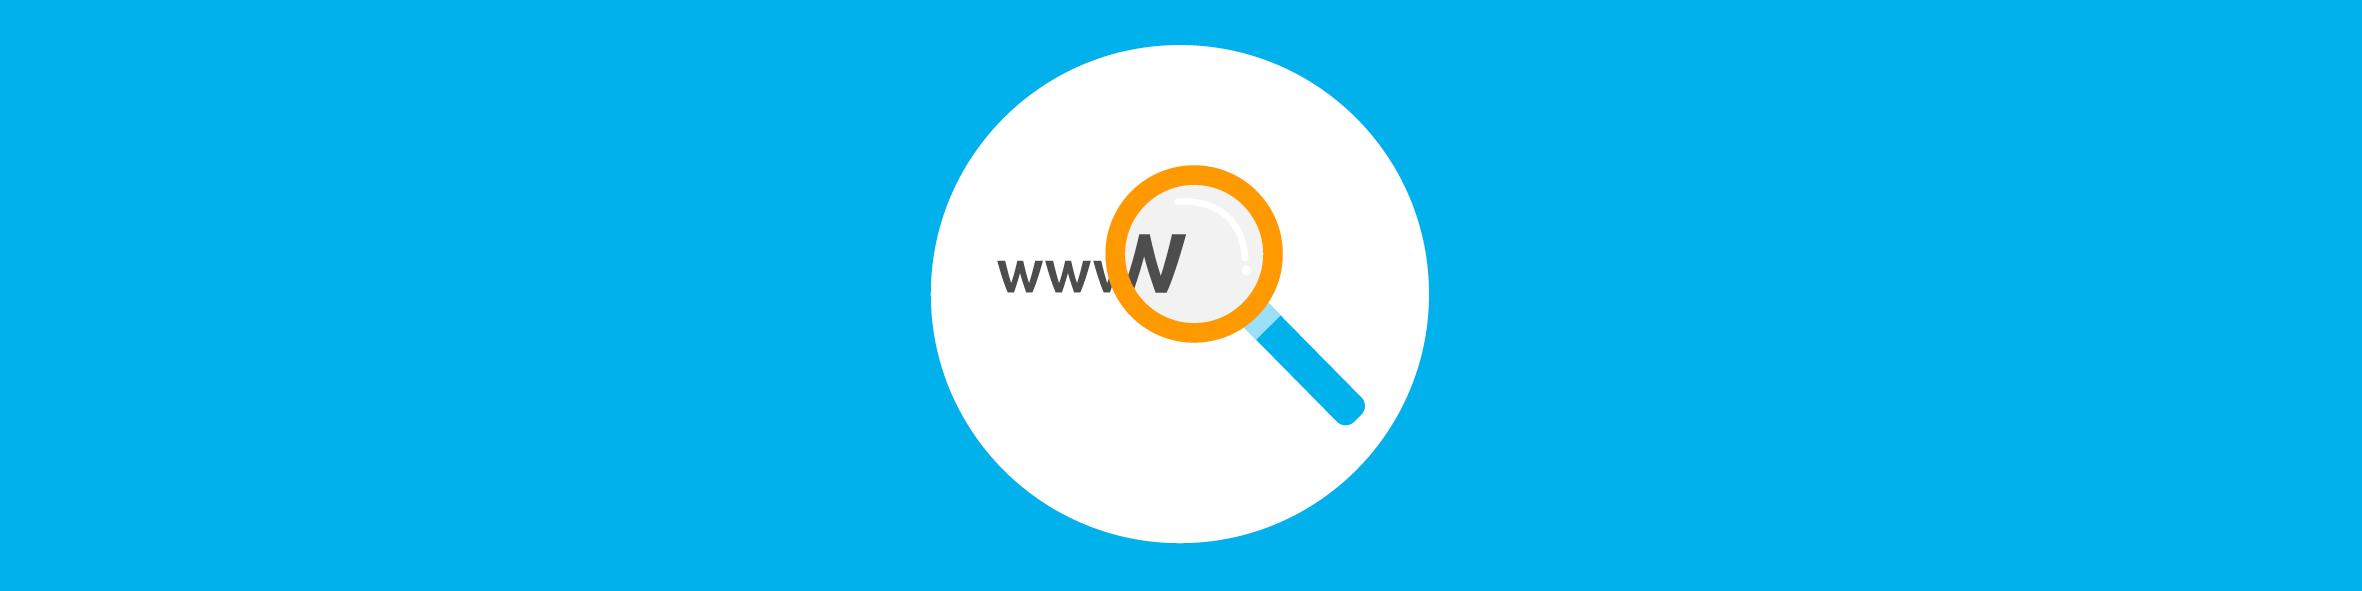 Verstandig online - Cloudwise Academy header trainingsaanbod